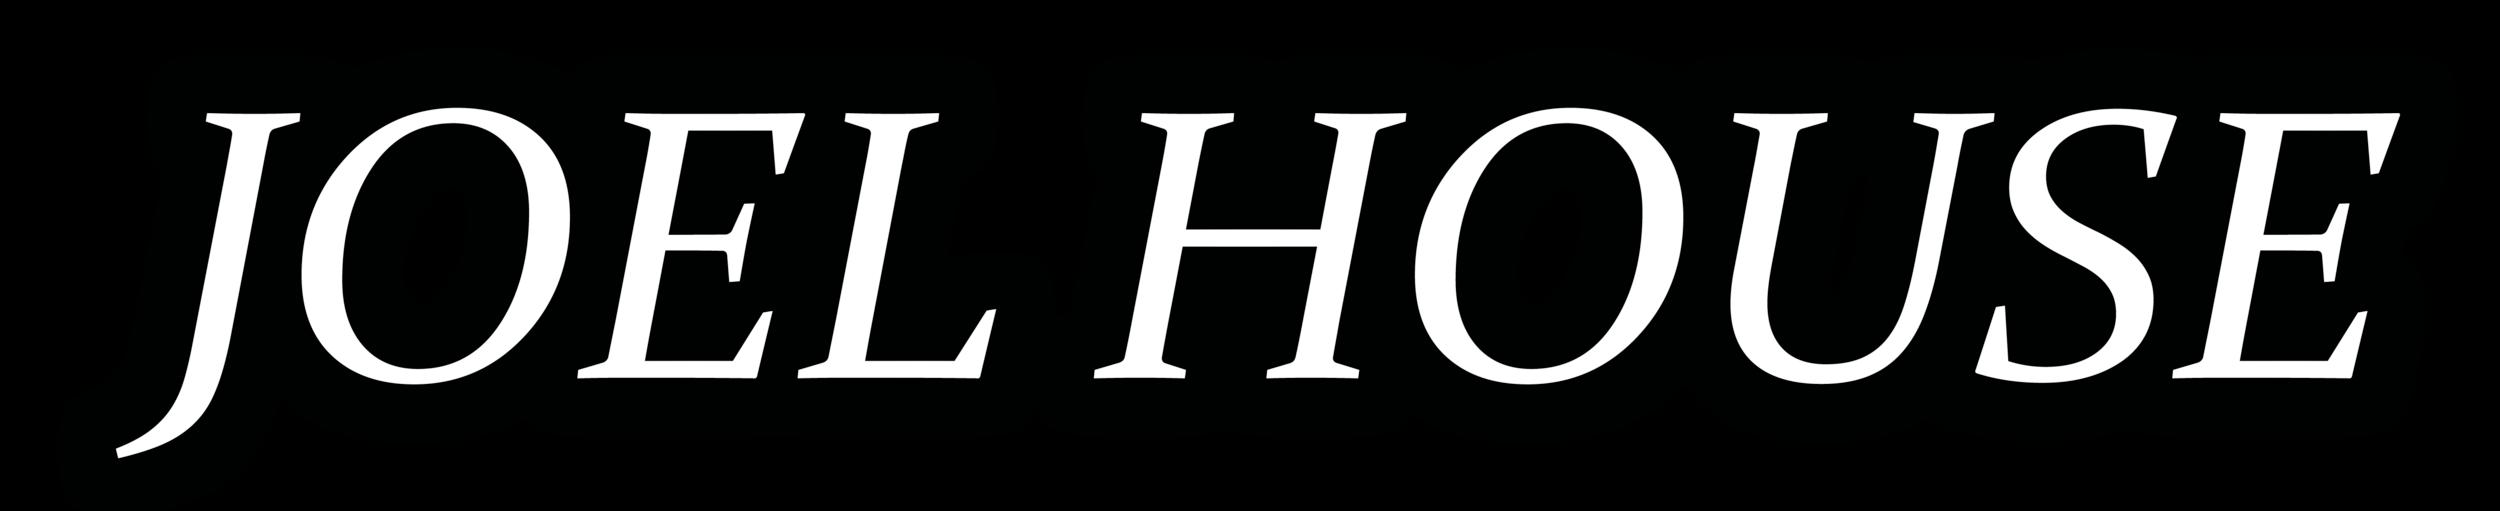 JOEL HOUSE.png